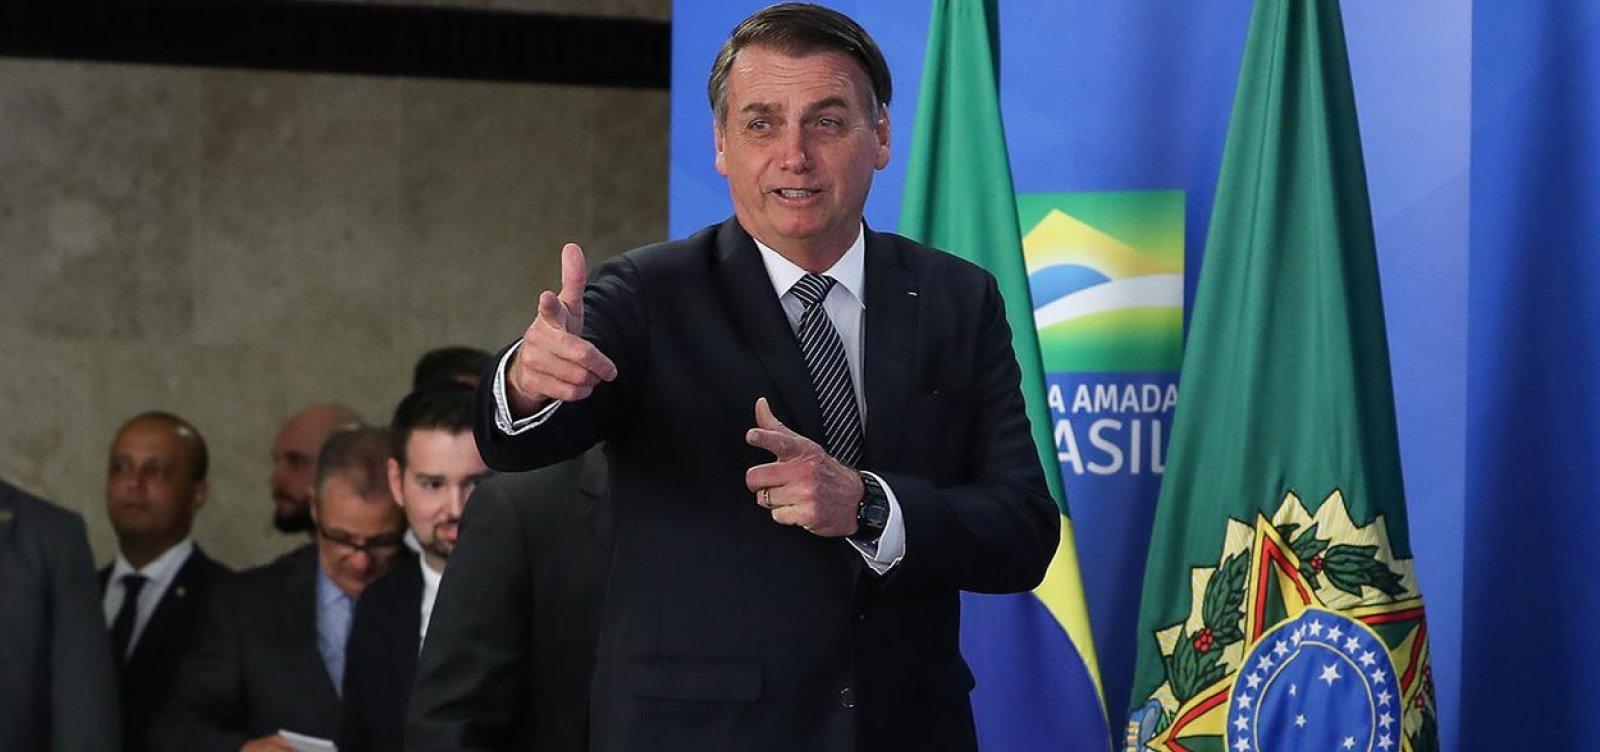 [Ao lado de criança, Jair Bolsonaro faz piadas sobre pessoas gordas e misoginia]